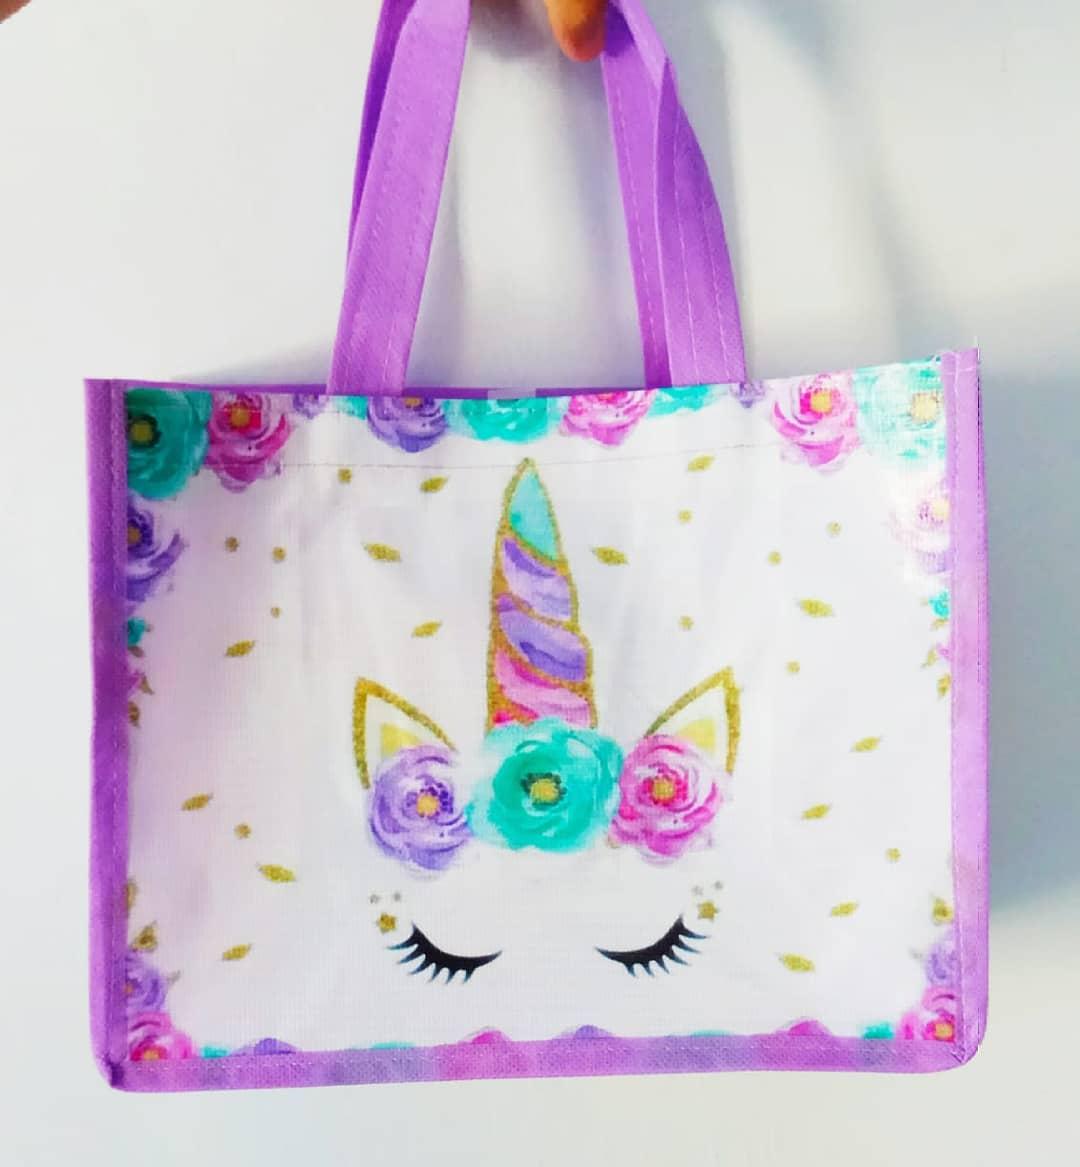 tas spunbond ulang tahun unicorn, tasspunbond.id, tas spunbond ulang tahun, tas ulang tahun, tas ultah anak